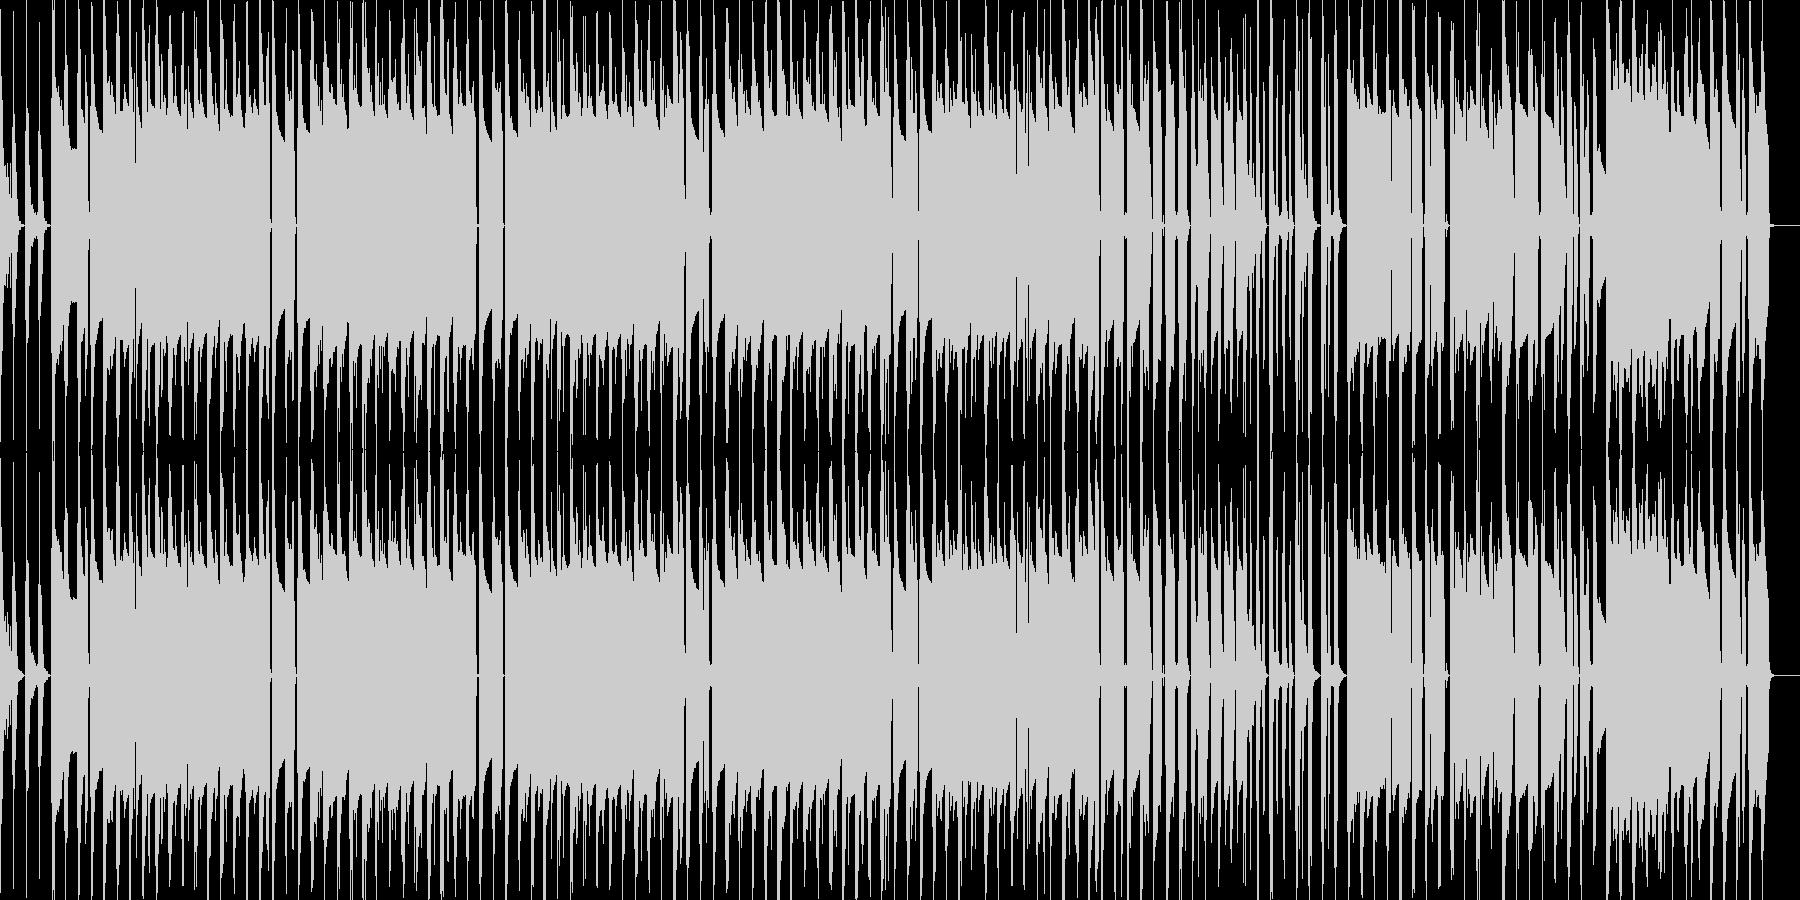 不思議な雰囲気のドラムンベースの未再生の波形